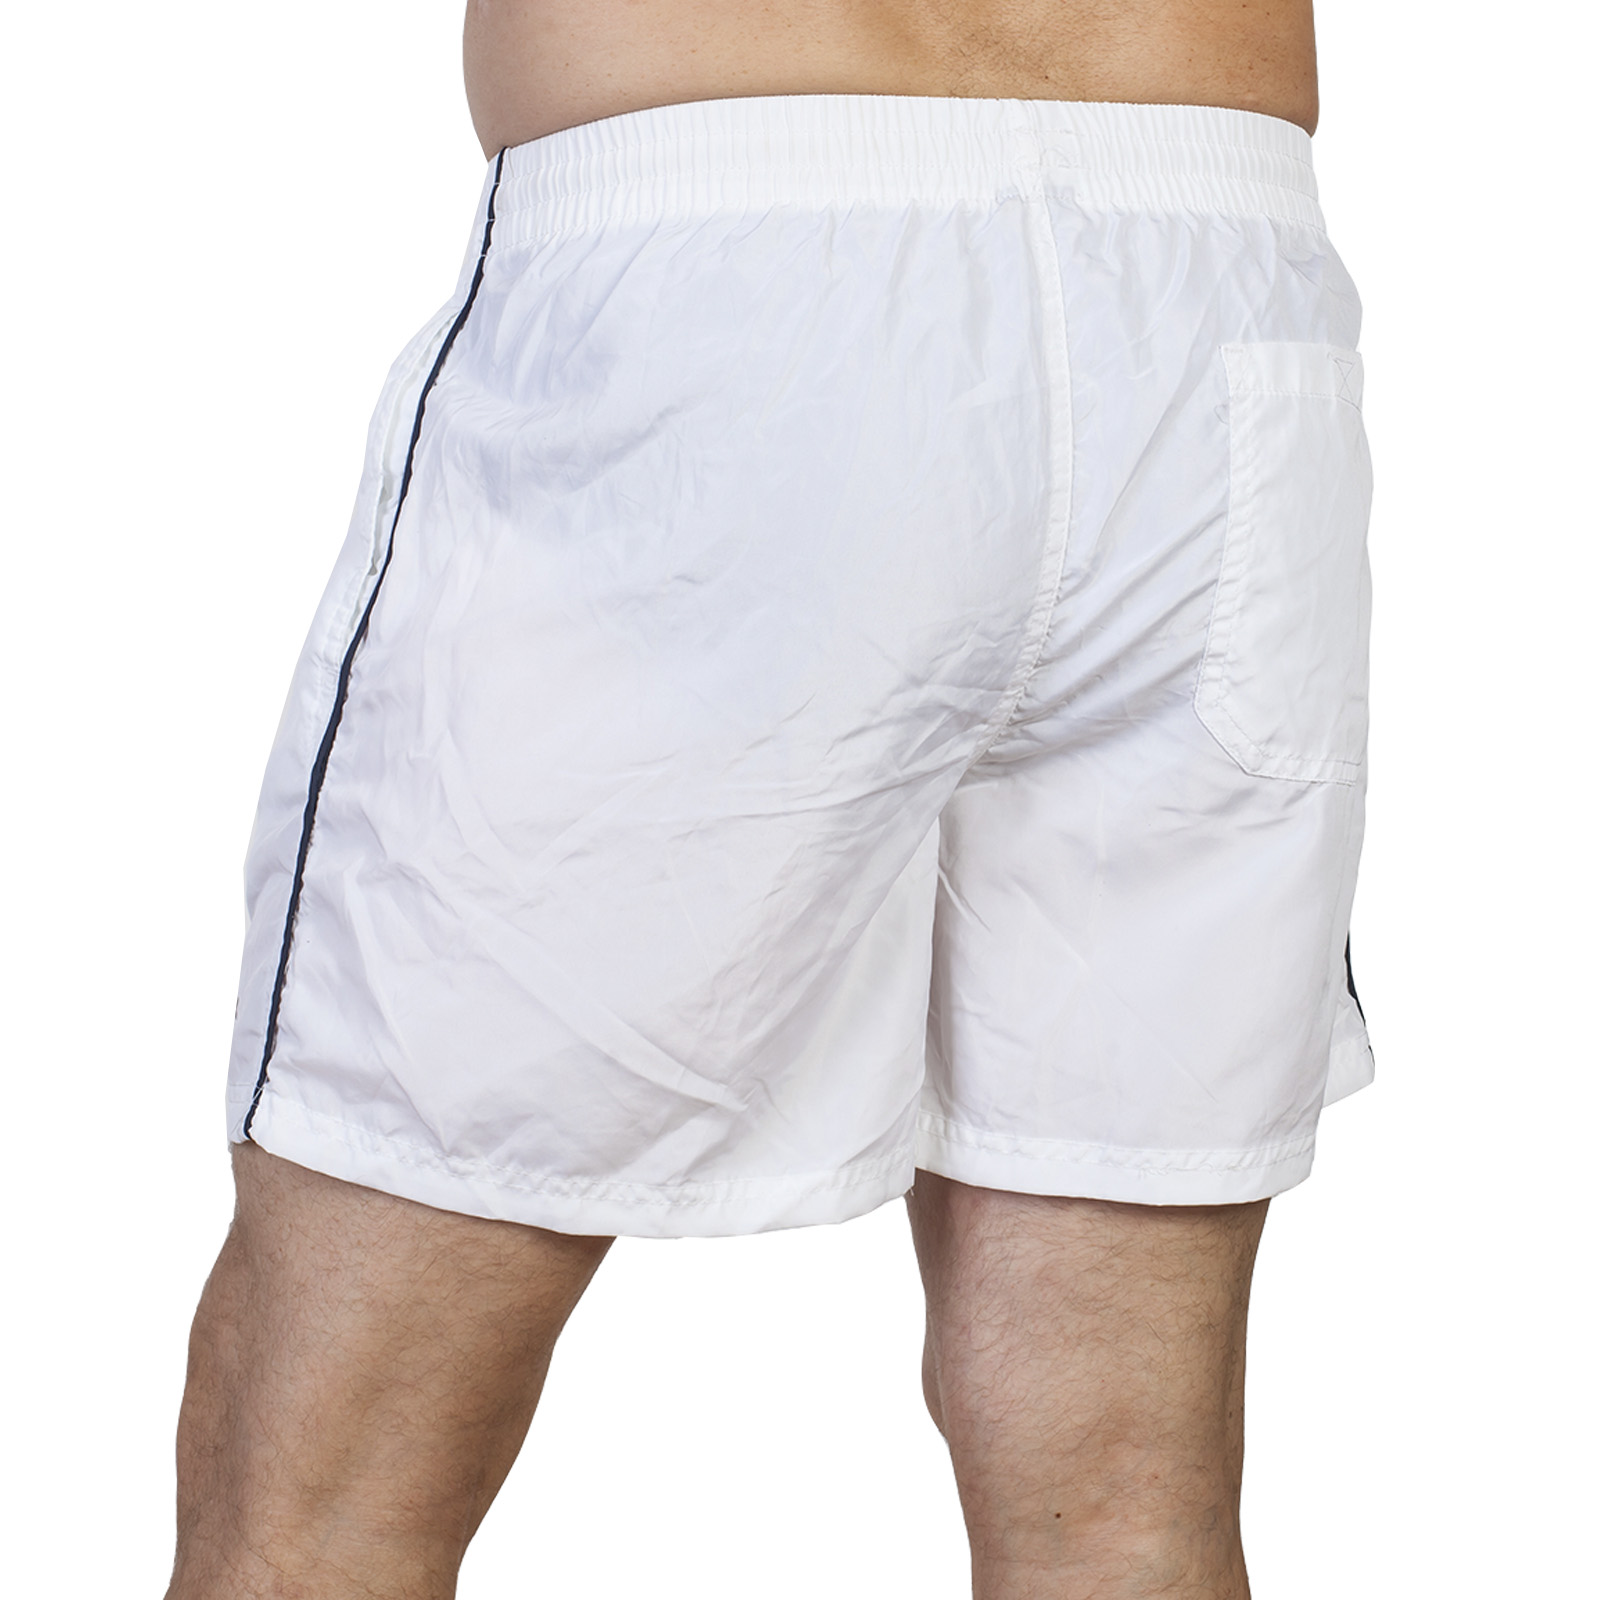 Купить шорты оптом и в розницу – недорогие оригинальные модели уже в наличии!